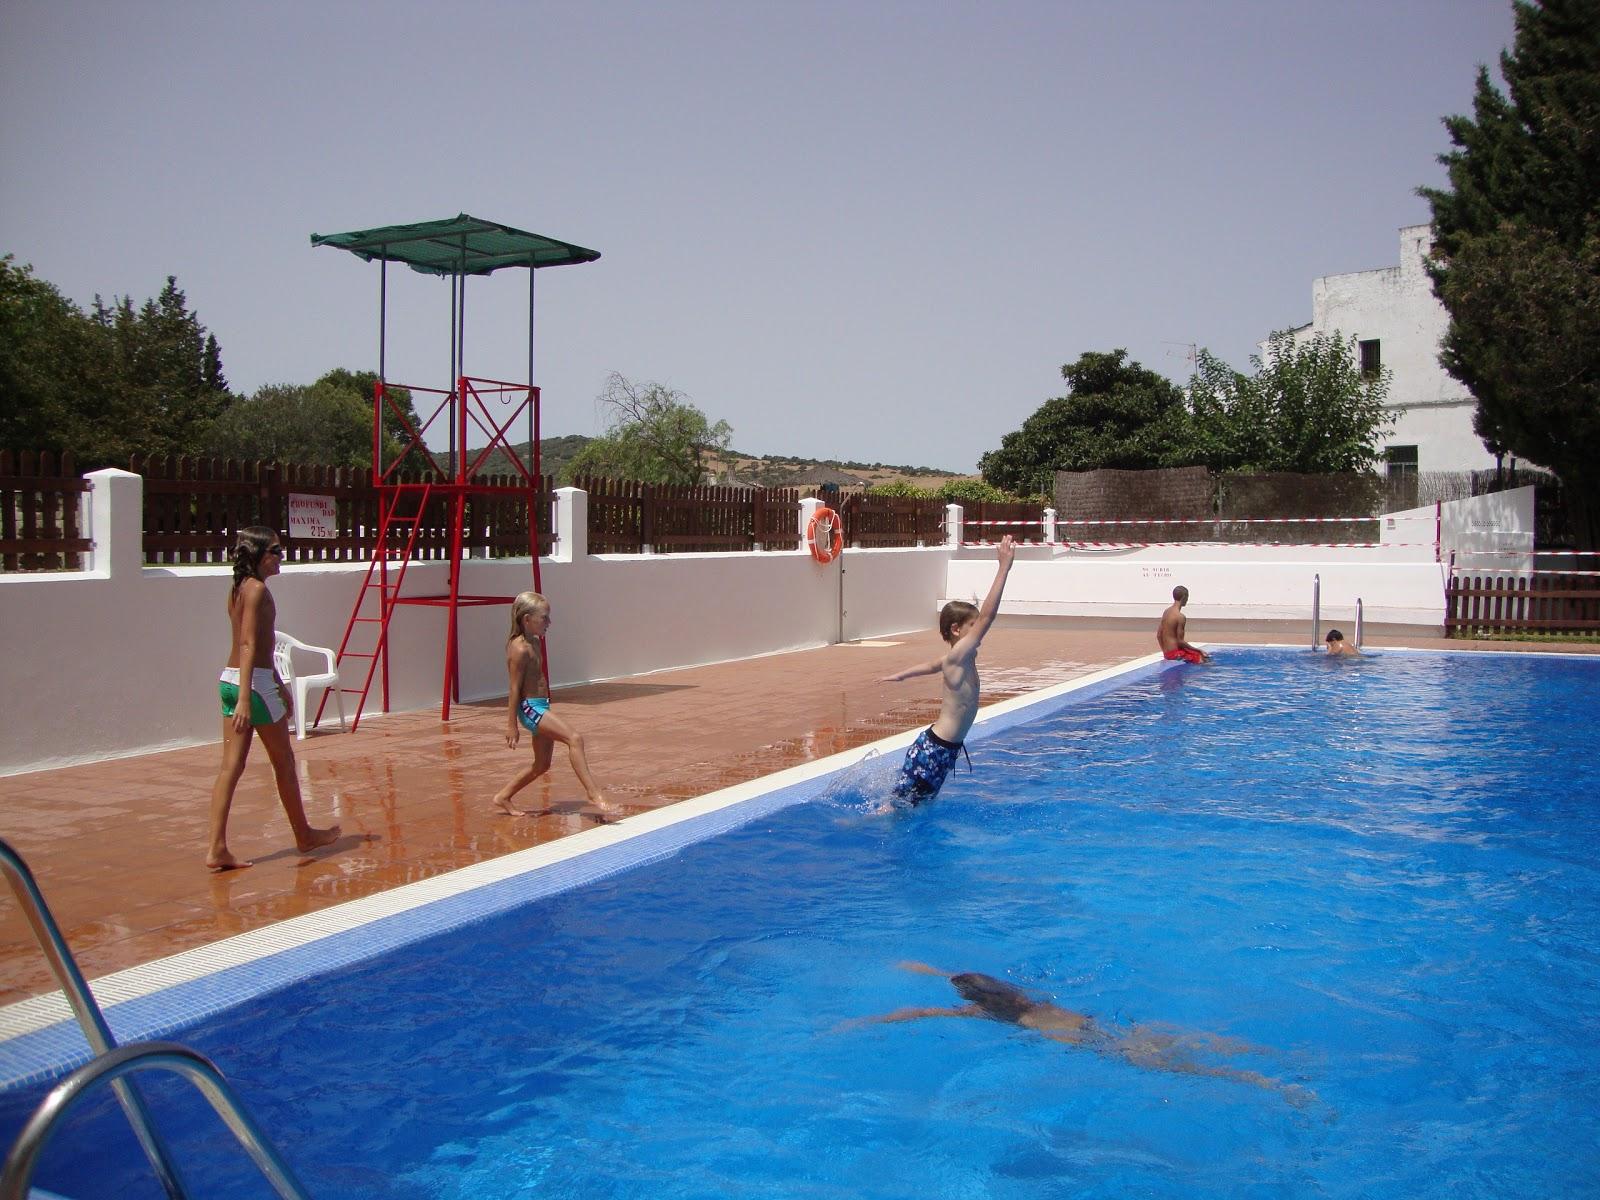 Fotos de la piscina amazing la piscina est finalizada for Piscina municipal de orcera